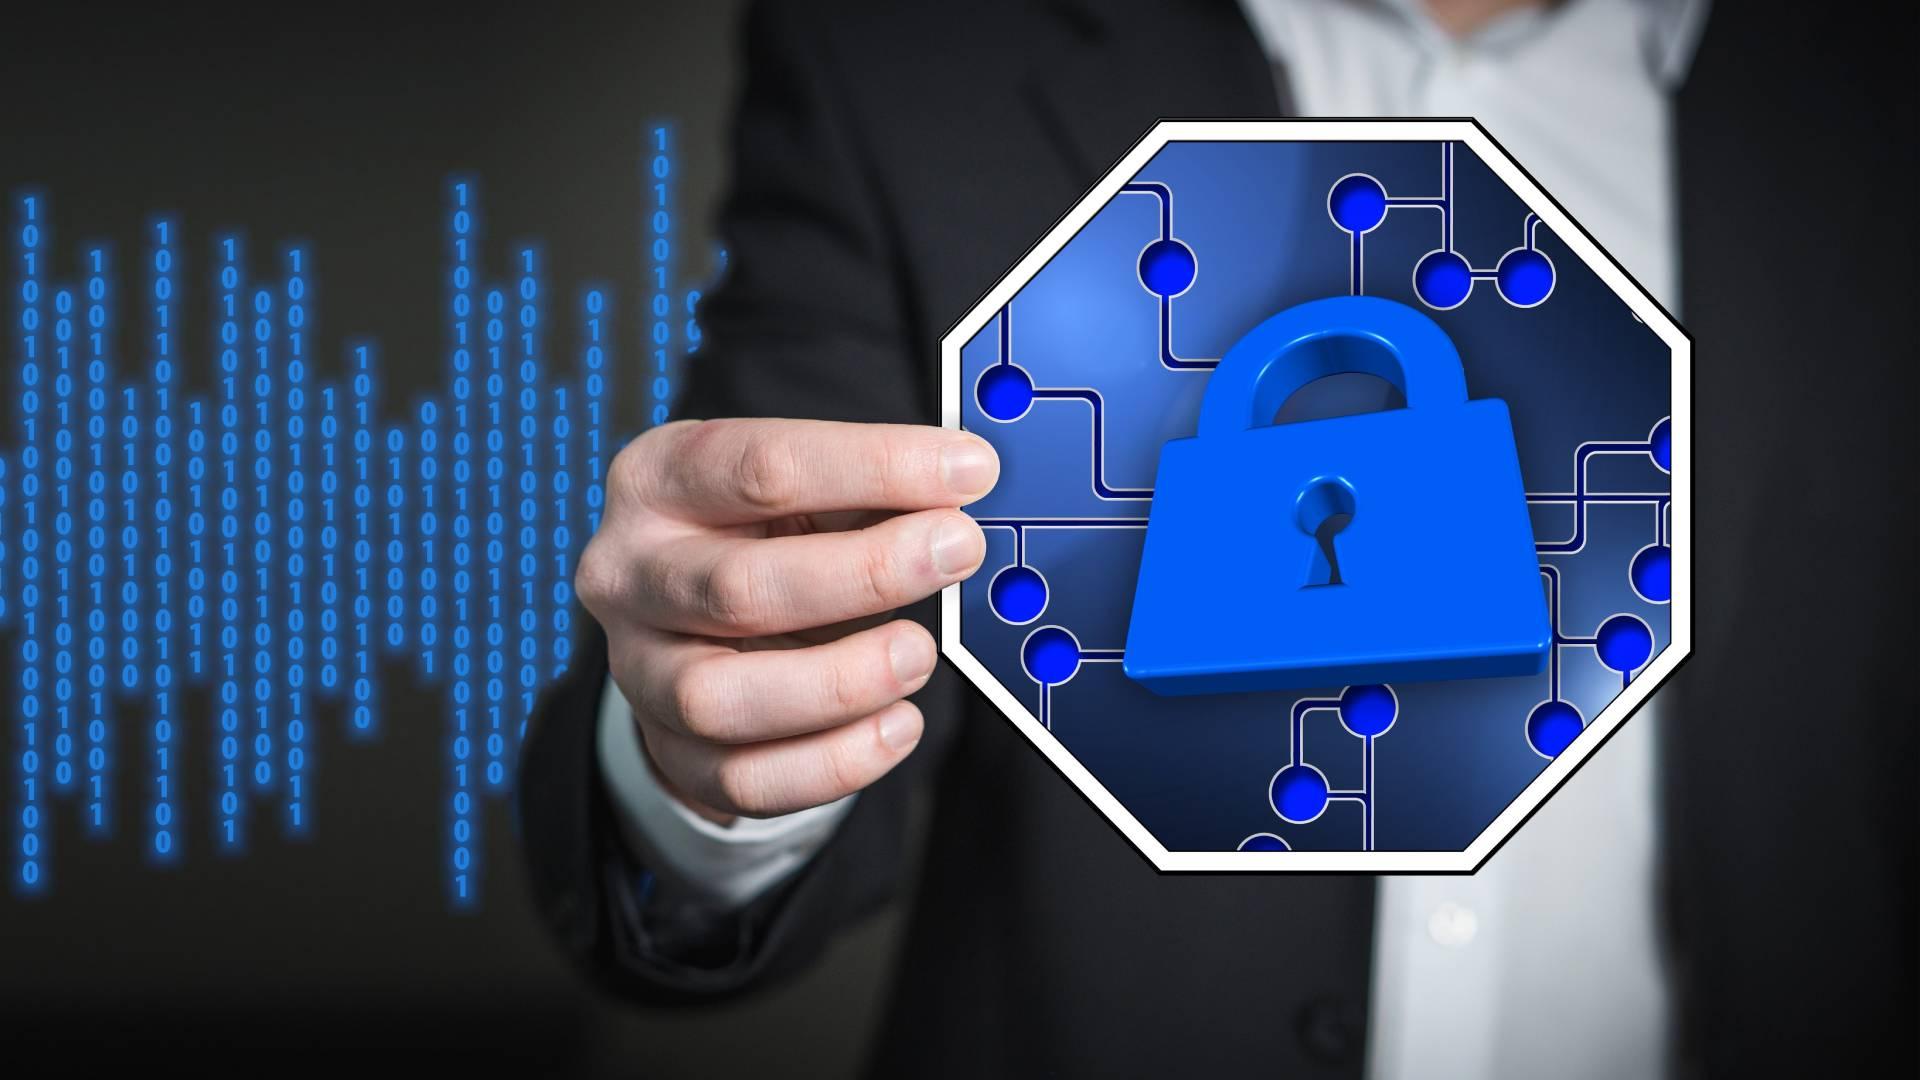 Projekt Pegasus Hintergründe eines massiven Cyberspionage-Skandals